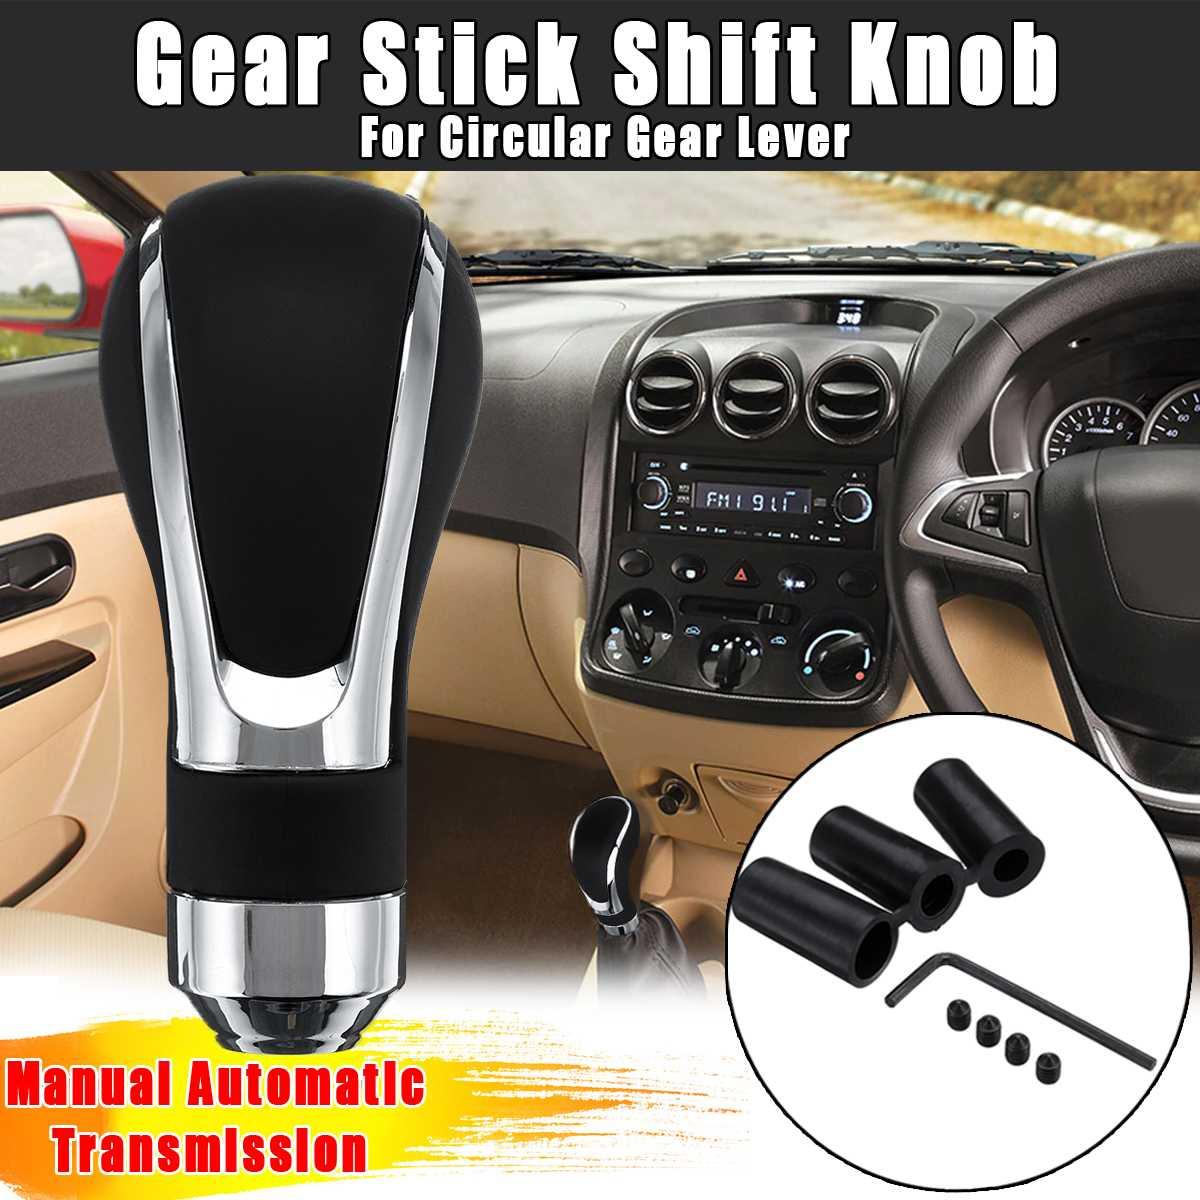 Qiilu Universal Shift Knob Aluminum Manual Shift Knob Handle Gear Stick Knob Gear Shifter Lever